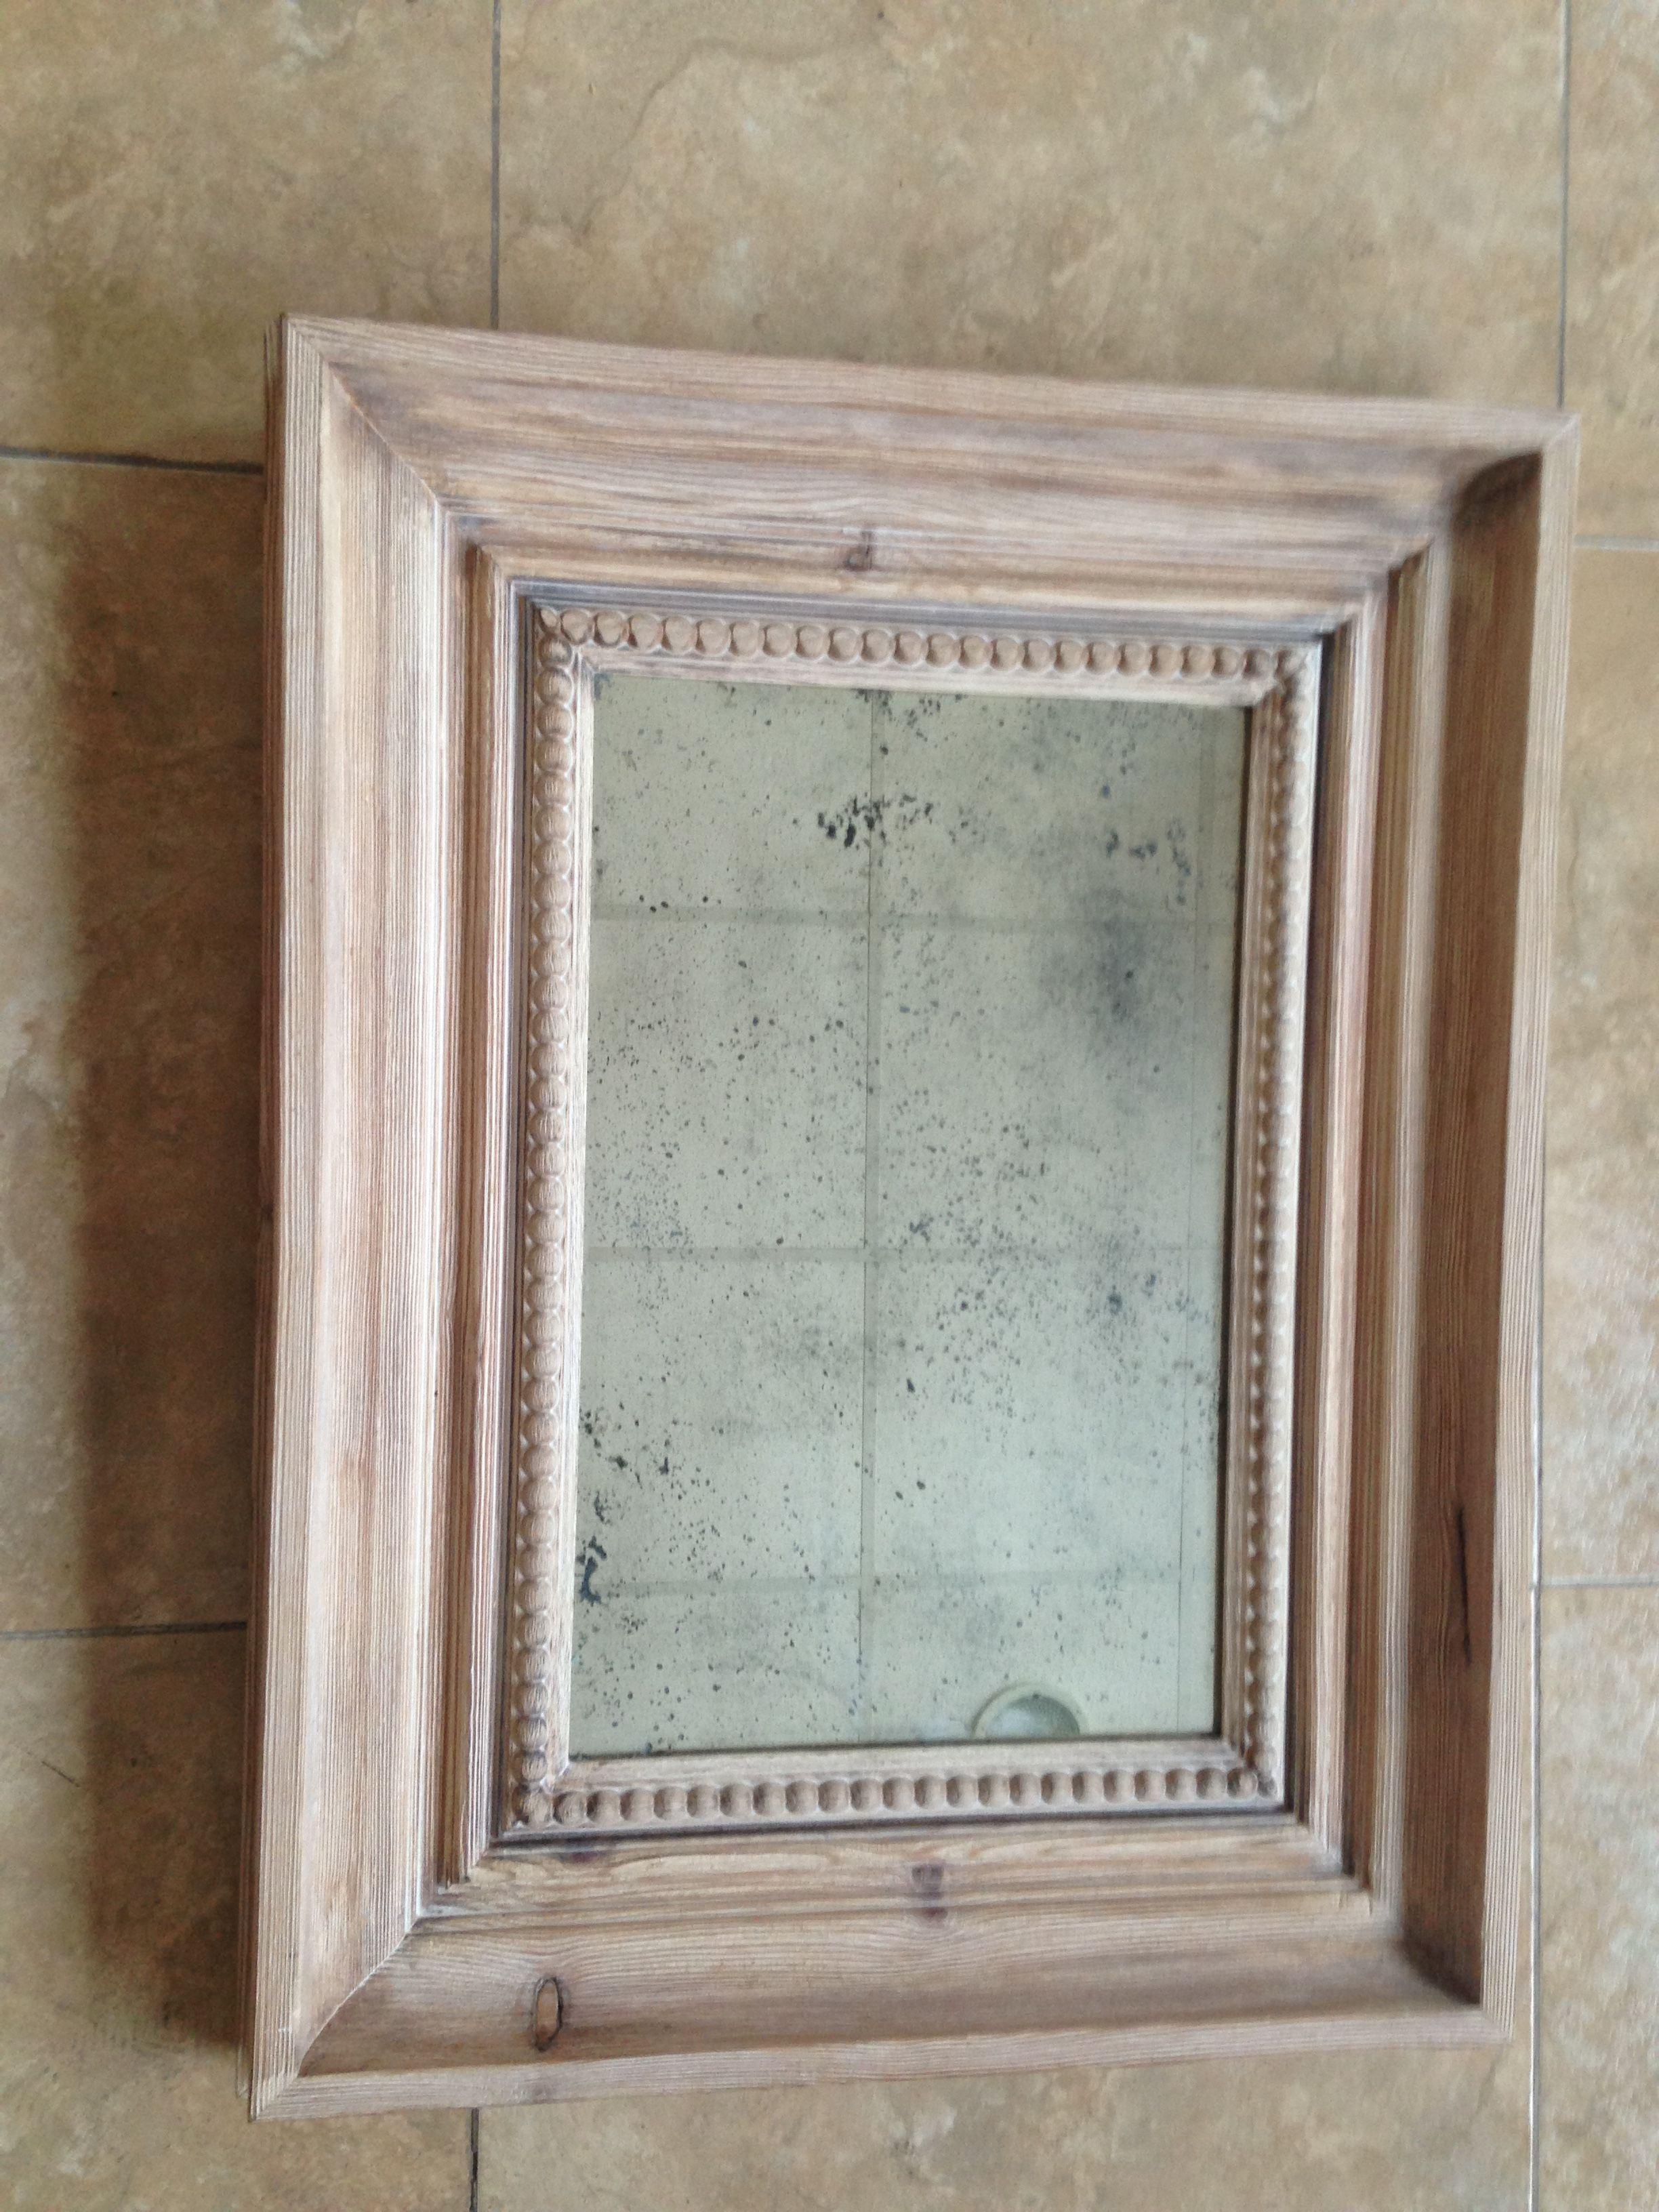 Marco 10cm pino con espejo envejecido impresionante marco Marcos para espejos artesanales